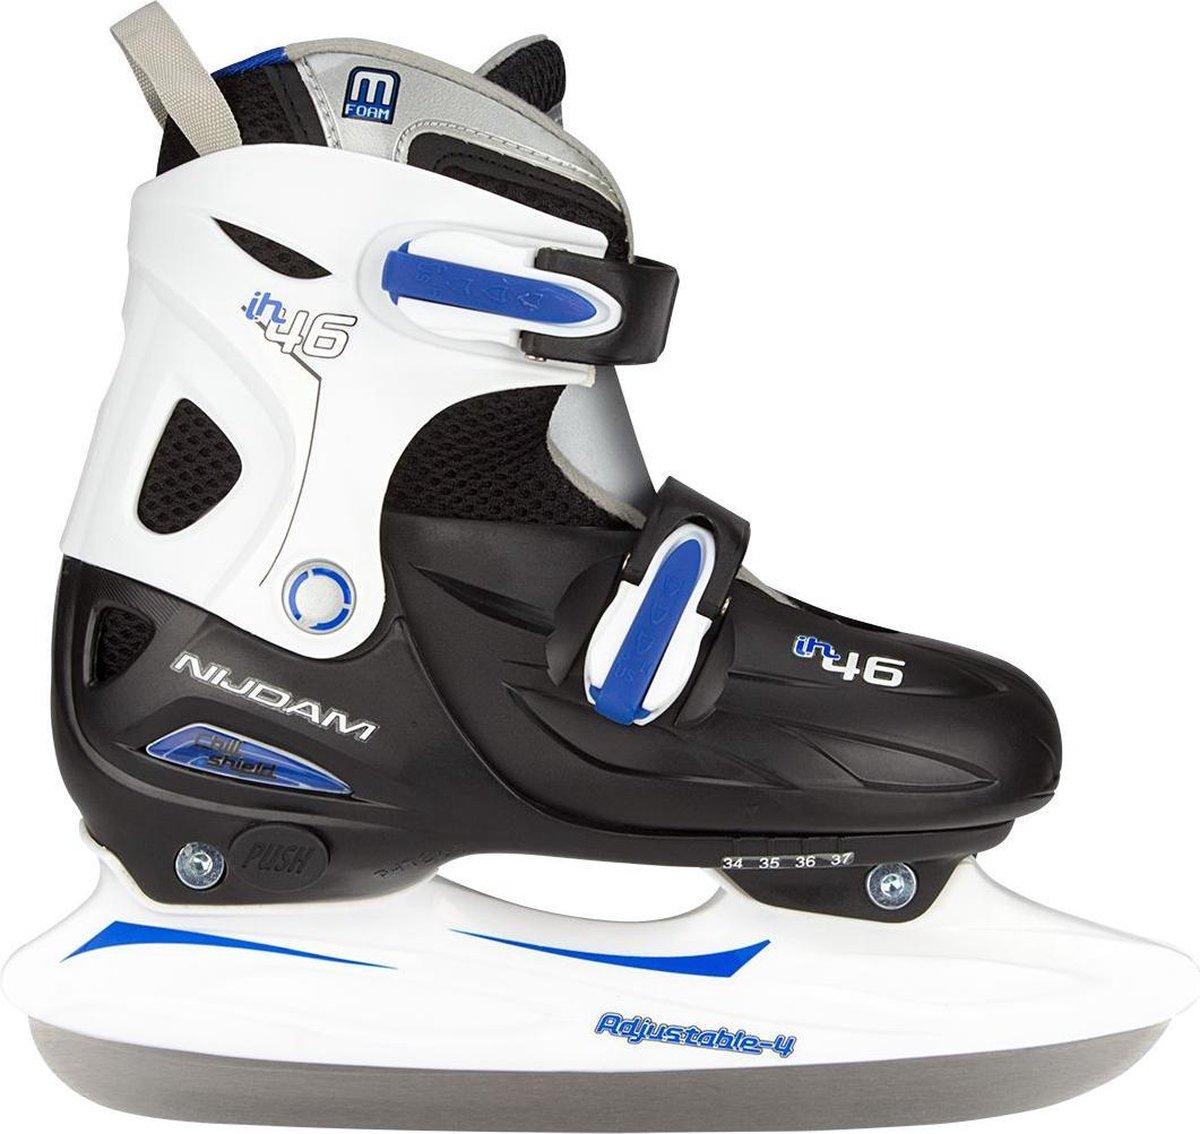 Nijdam IJshockeyschaats Junior Verstelbaar - Hardboot - Zwart/Zilver/Blauw - 34-37